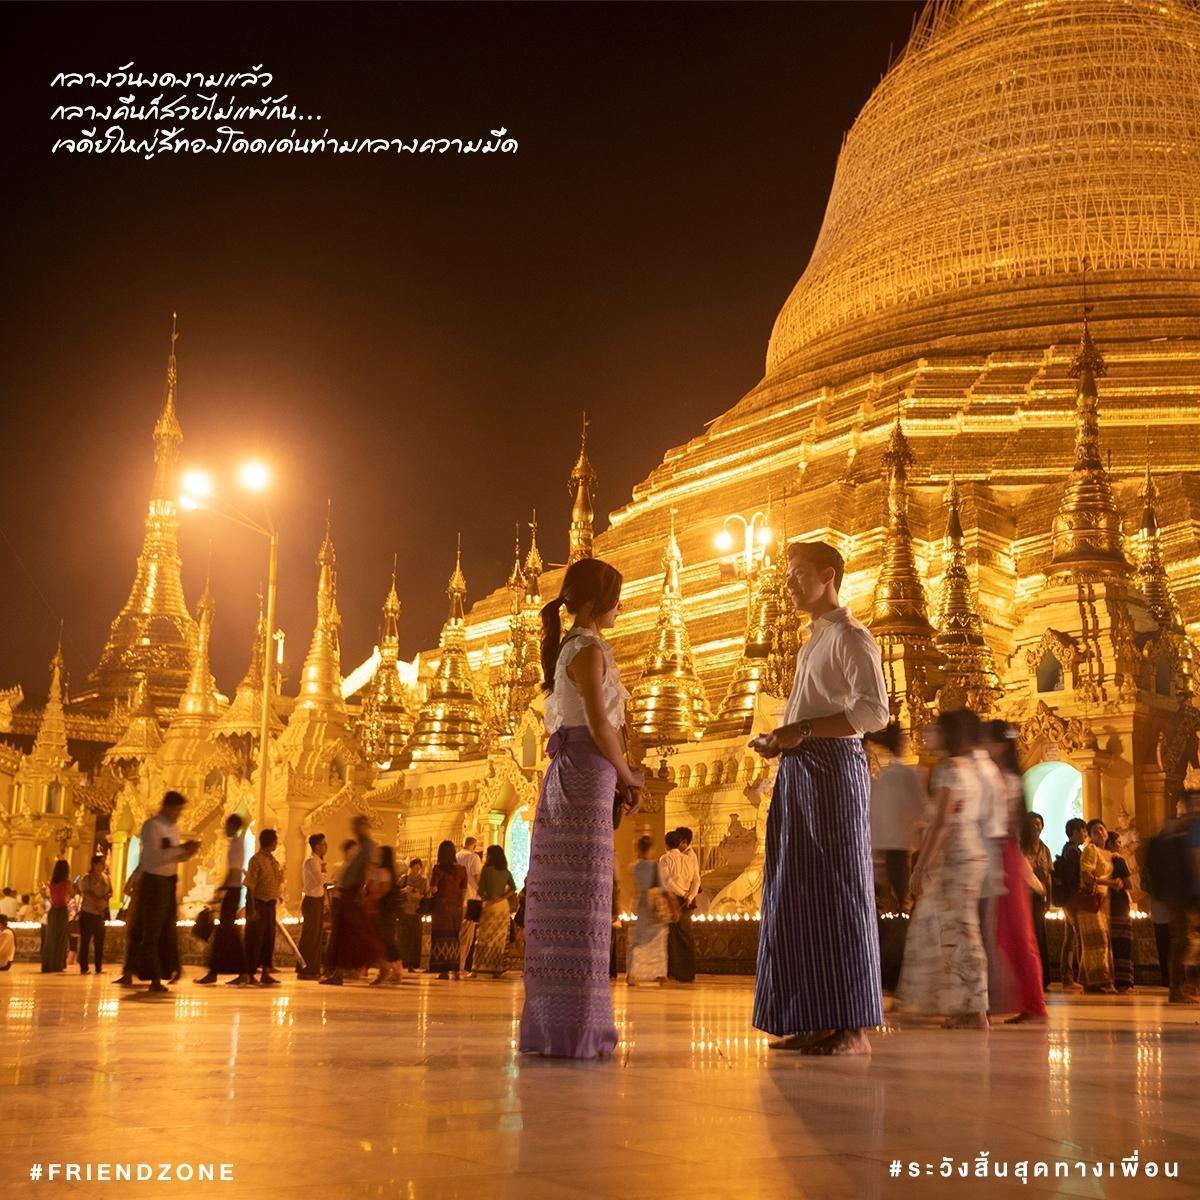 緬甸大金寺是兩人攤牌的地方。(翻攝自GDH網站)